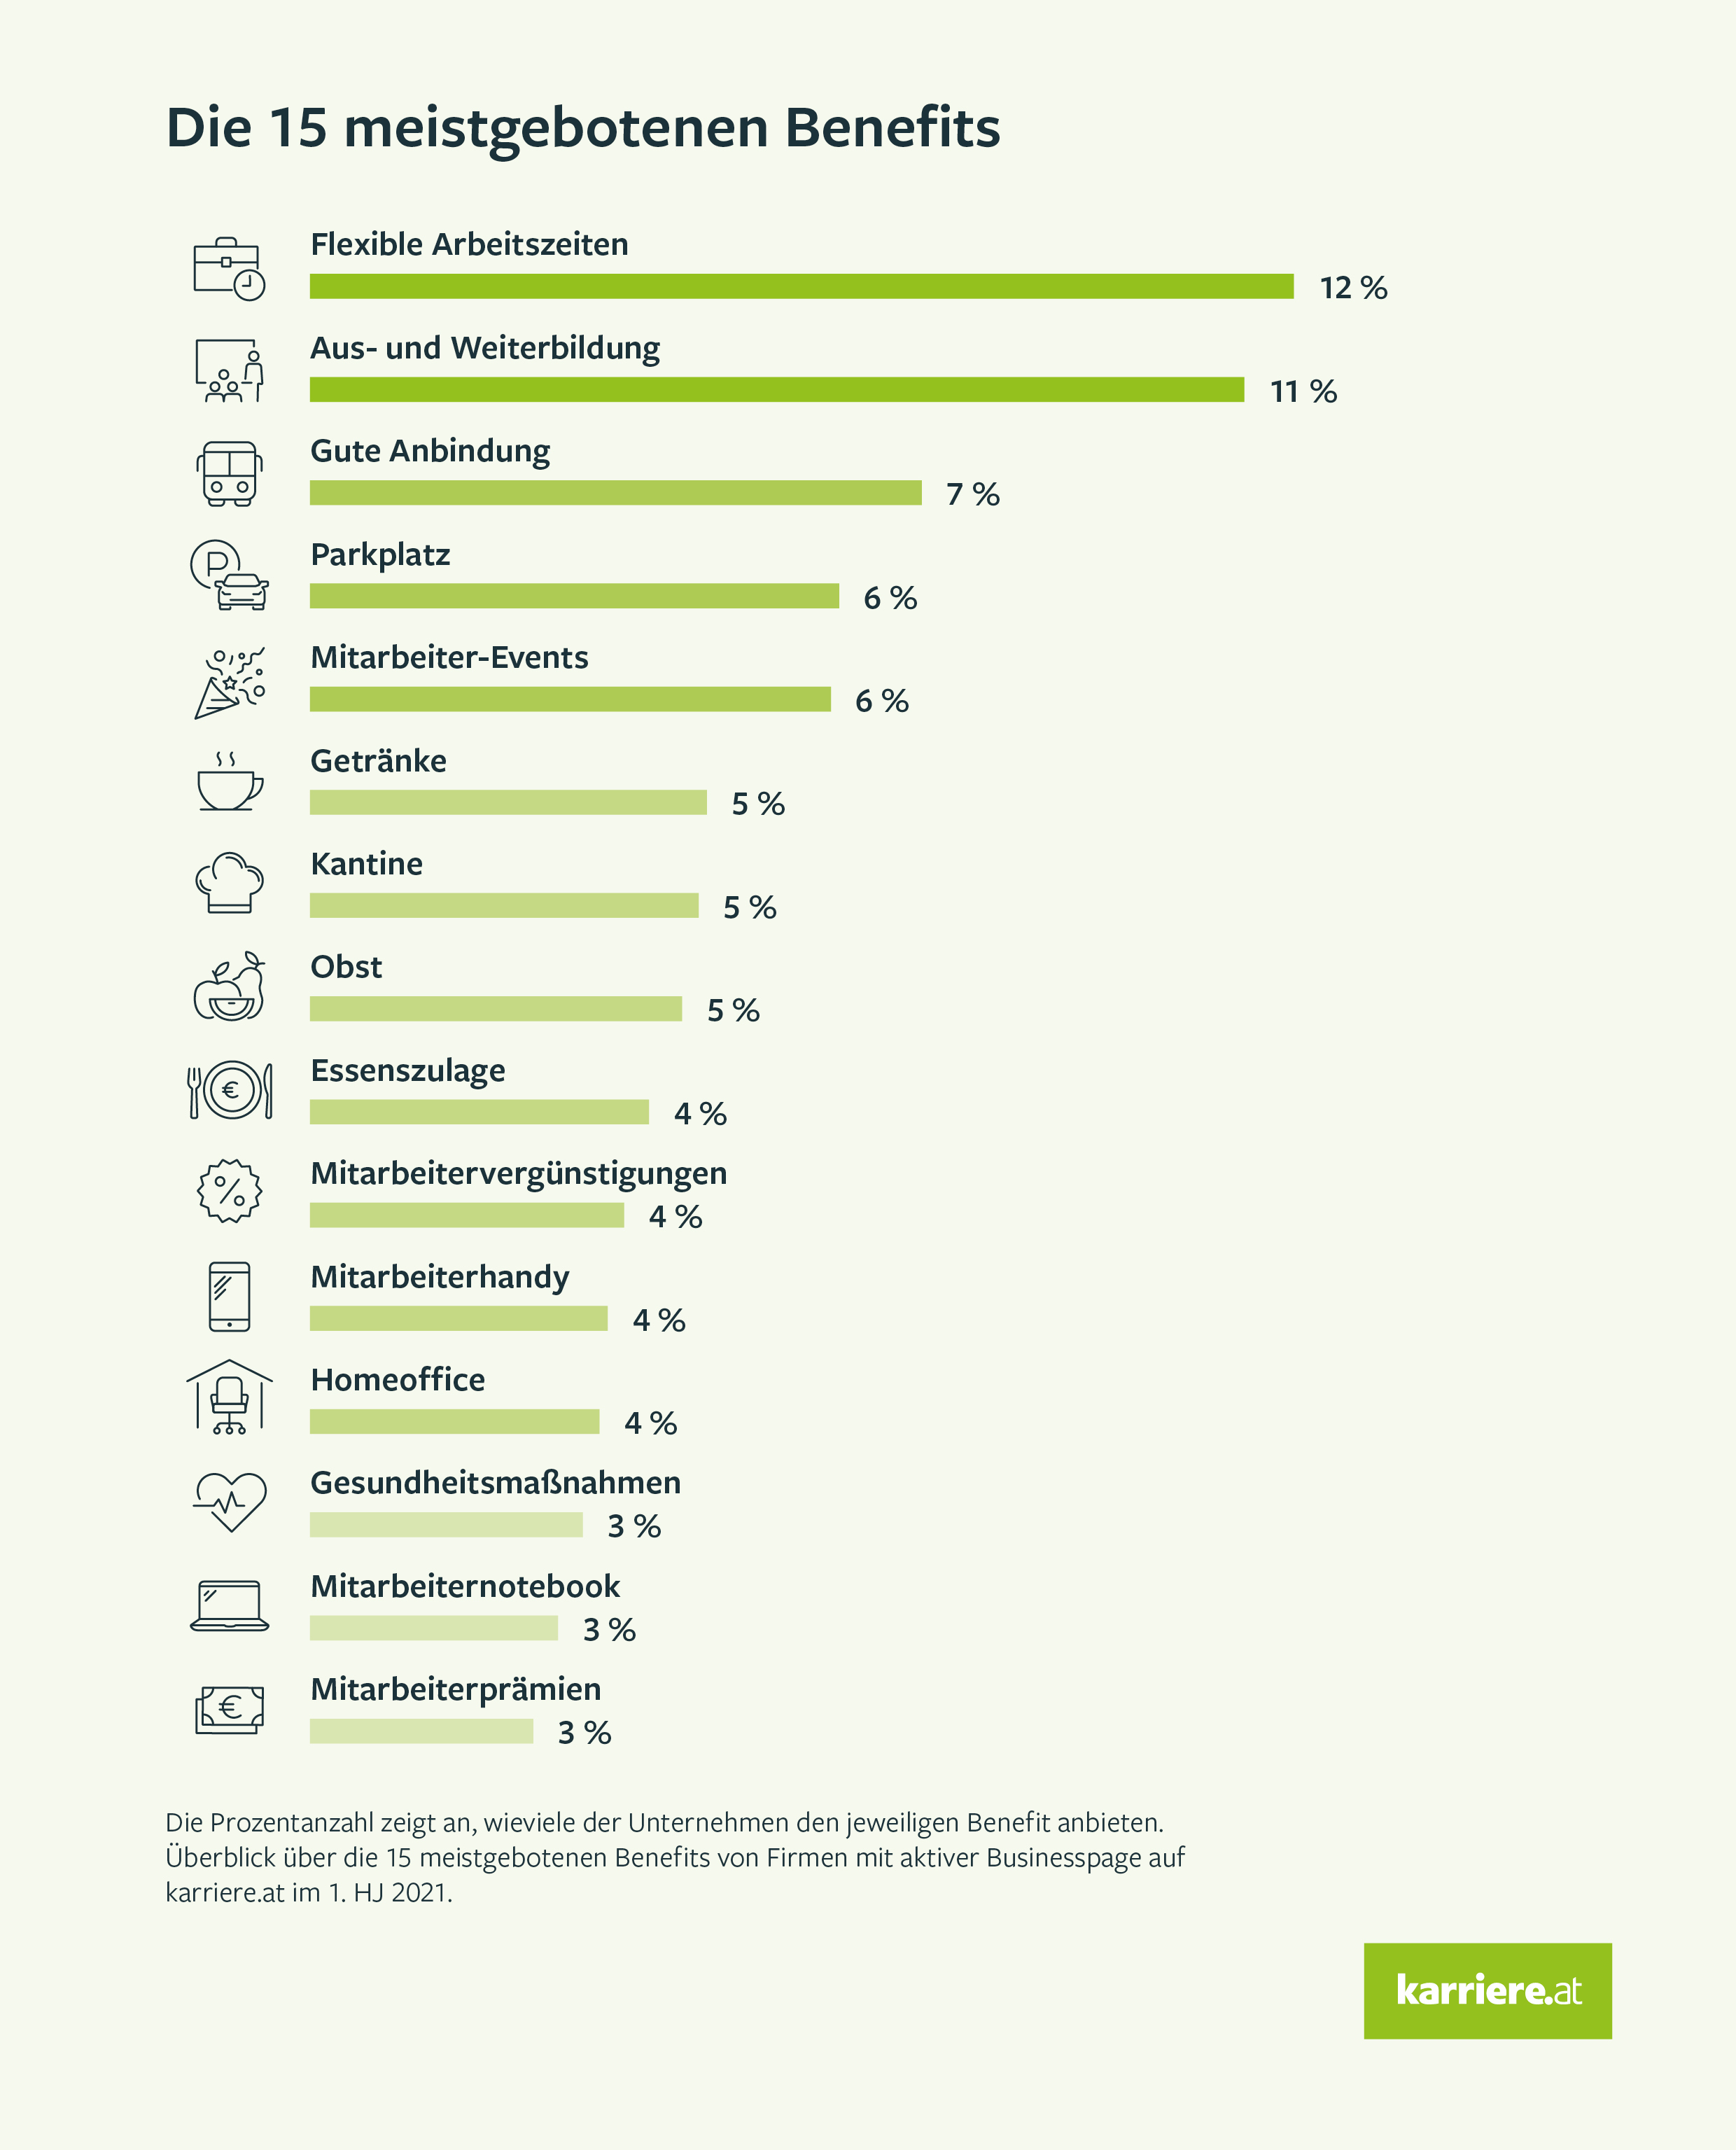 15 meistgebotene Unternehmens-Benefits